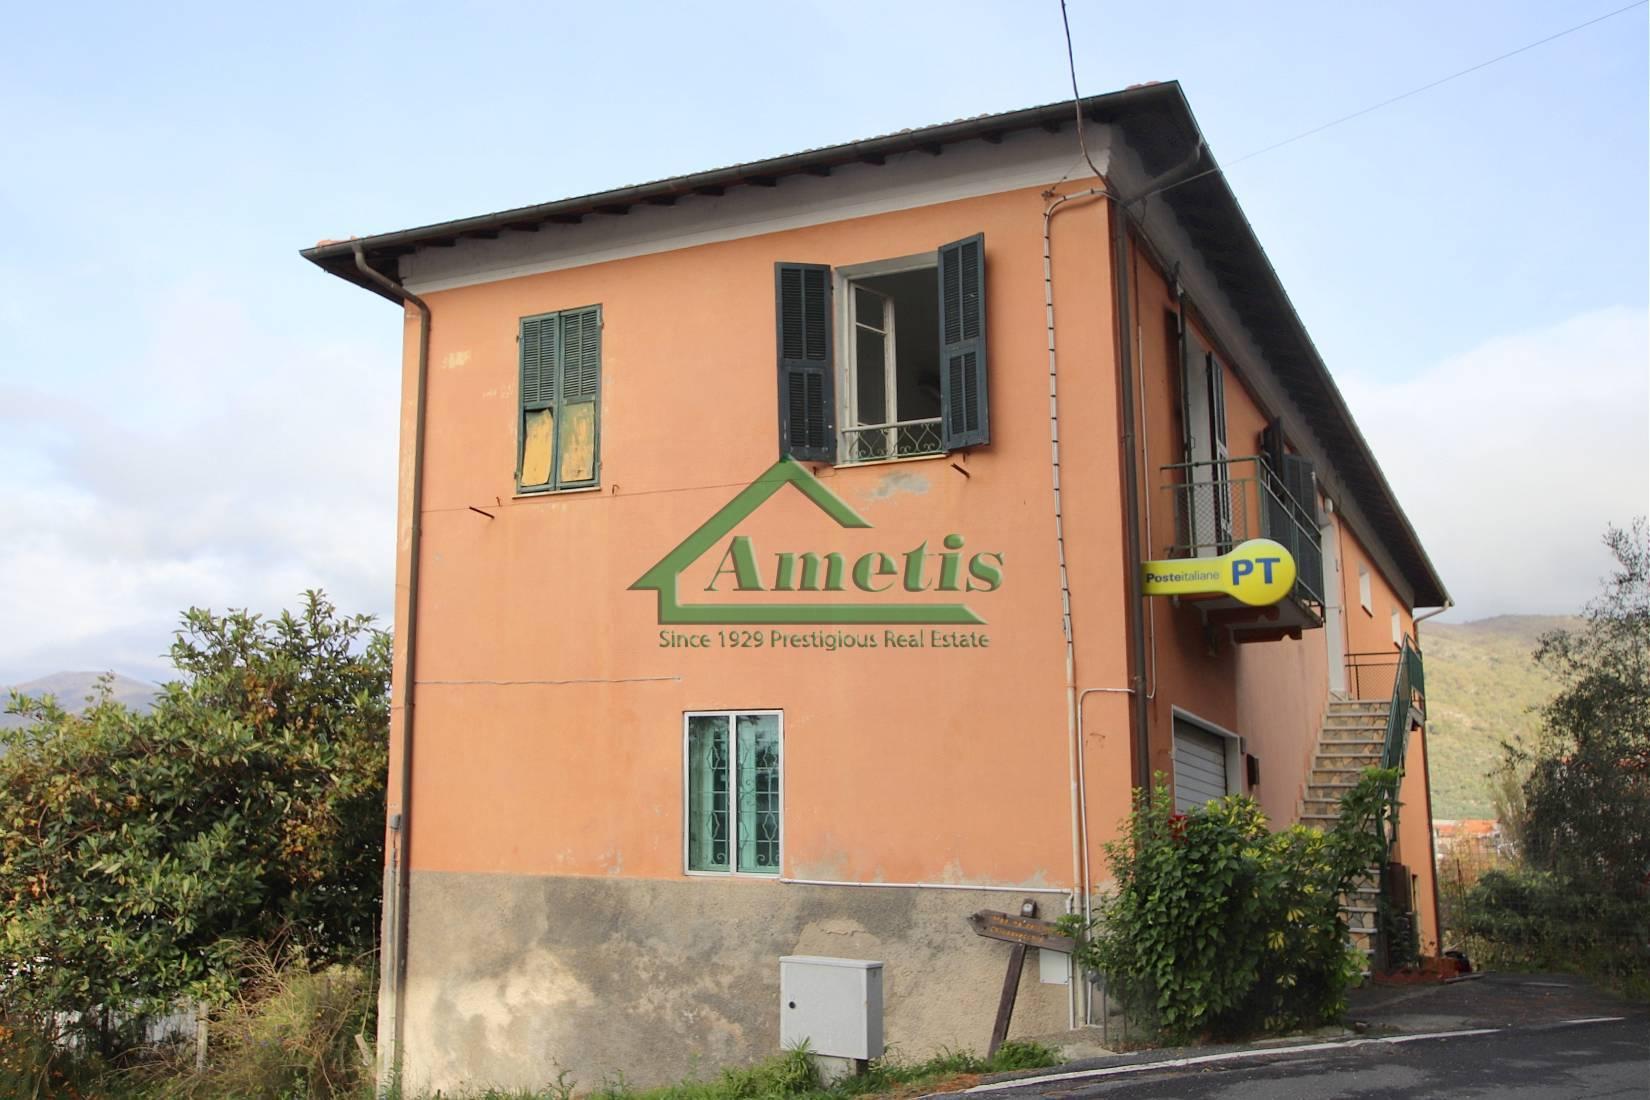 Appartamento in vendita a Chiusanico, 6 locali, prezzo € 88.000 | CambioCasa.it